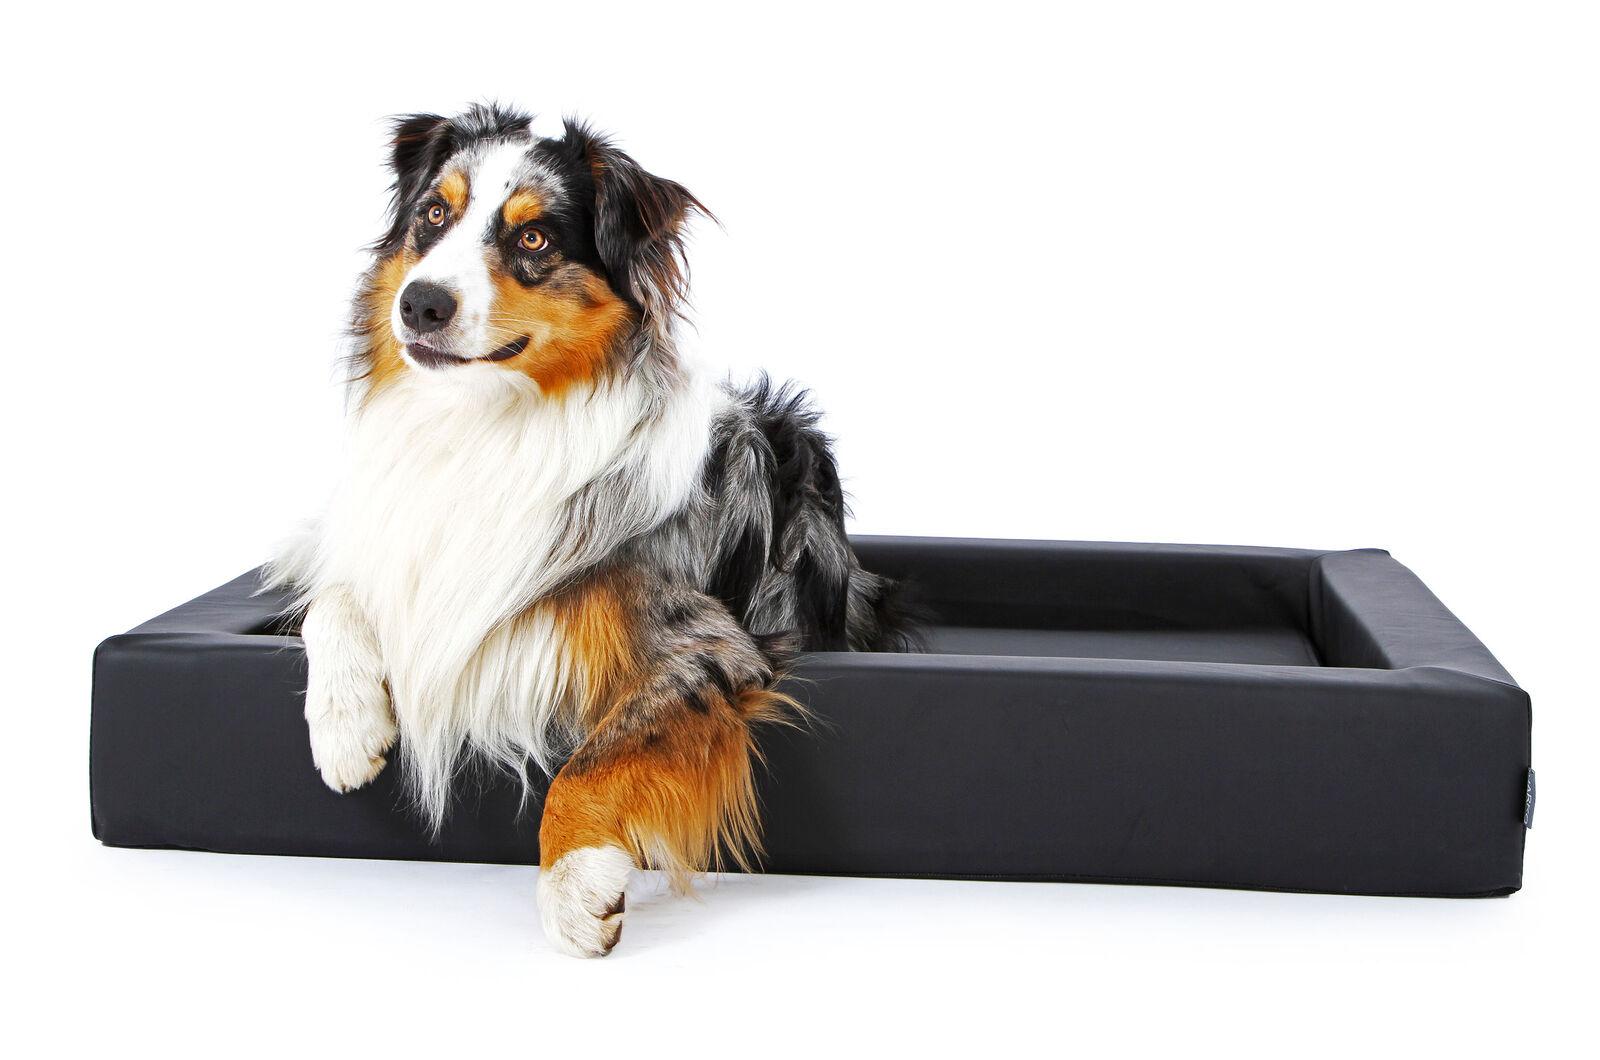 Hundekorb Hundebett Kunstleder, auch orthopädisch, Innenmatte herausnehmbar